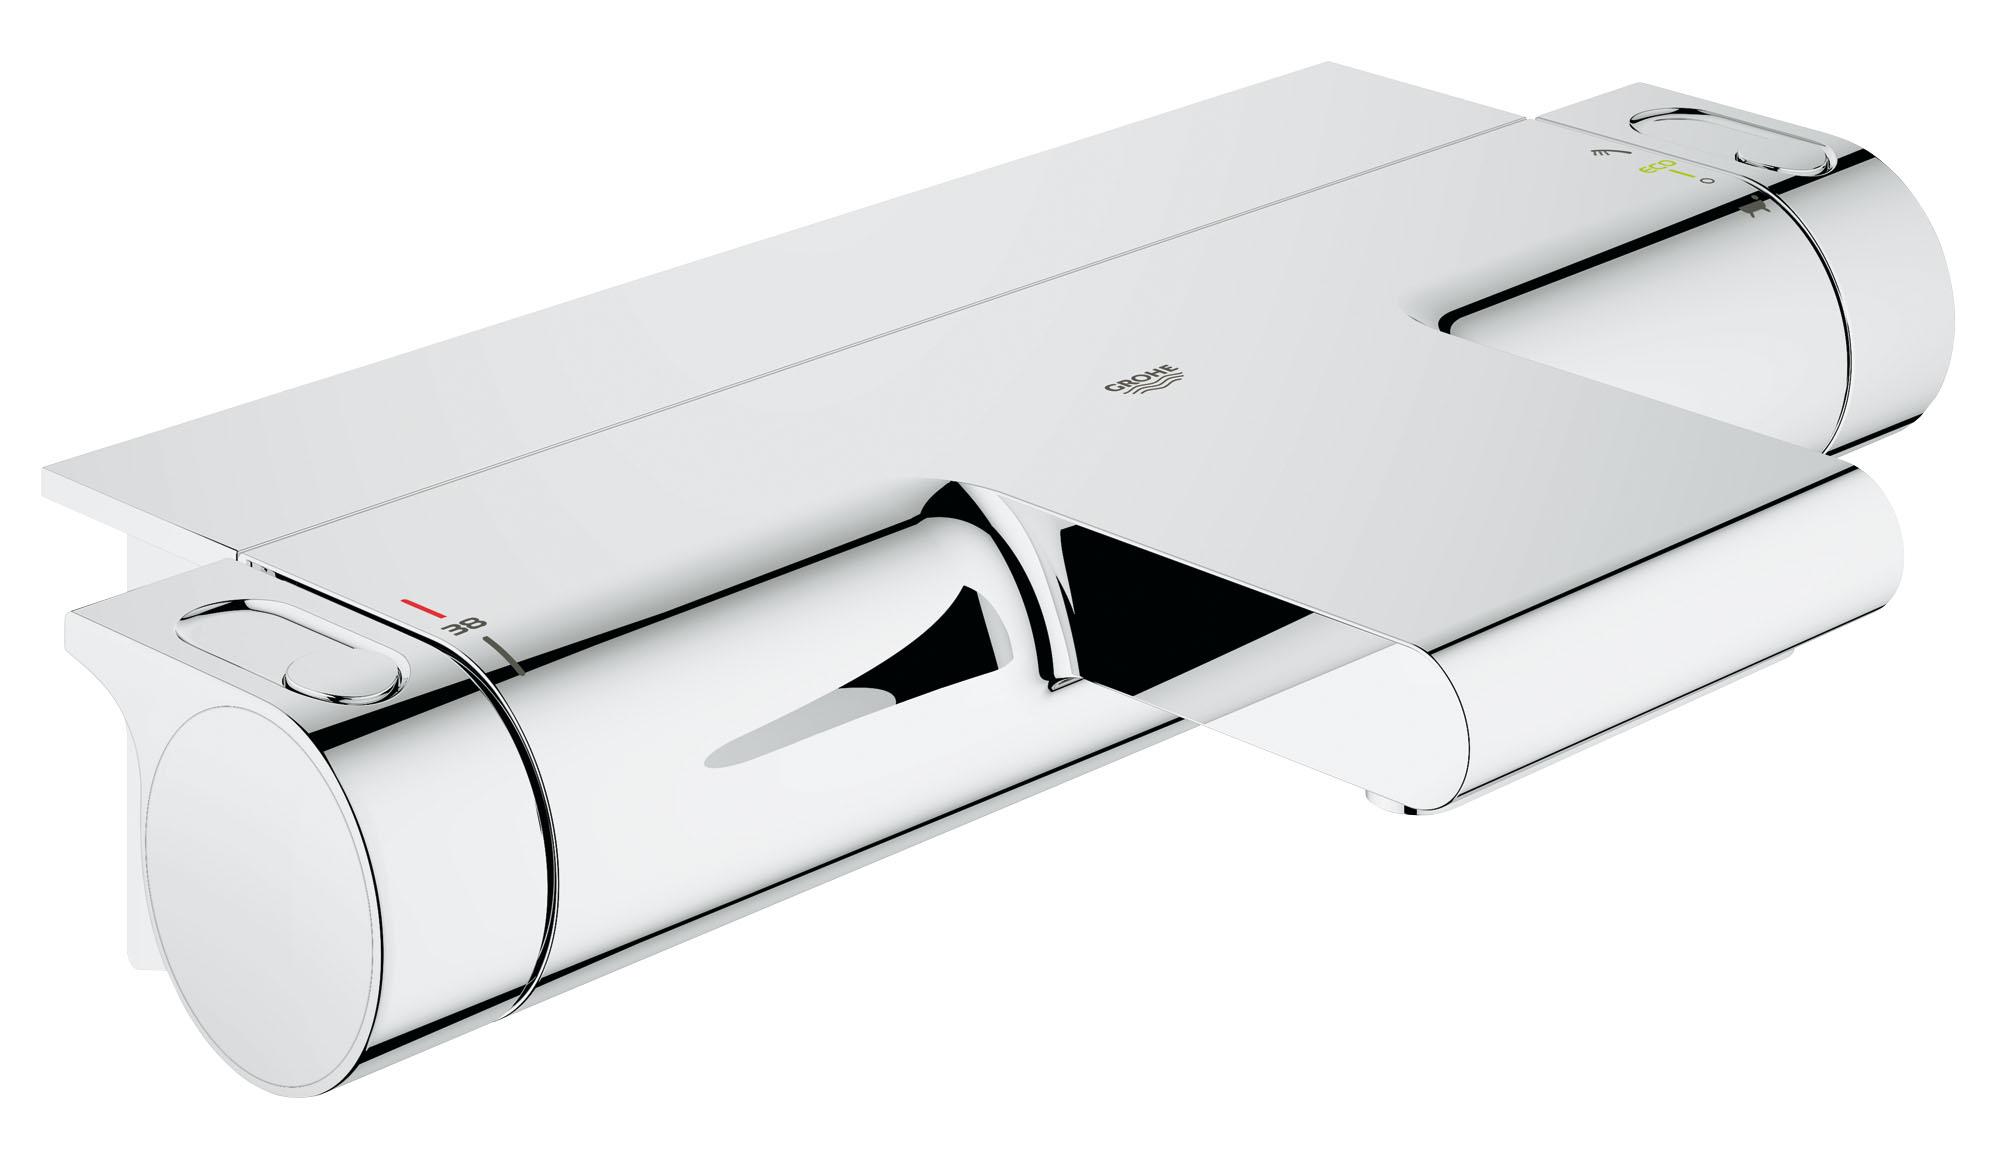 Термостат для ванны GROHE Grohtherm 2000 New с полочкой. (34464001)34464001Этот изящный смеситель для ванны позволит вам быстро наполнить ванну с помощью невероятно бесшумного потока воды желаемой температуры, который погрузит вас в умиротворяющую атмосферу в стиле спа. Мощный термостат комплектуется изящной полочкой EasyReach для хранения банных принадлежностей под рукой, а технология GROHE CoolTouch делает его безопасным для прикосновений, не позволяя внешней поверхности нагреваться. Переключатель GROHE AquaDimmer позволяет с легкостью перенаправлять поток воды между каскадным изливом для ванны и душем. Ограничитель SafeStop предохраняет пользователей — особенно детей — от случайного включения слишком горячей воды во время купания. Благодаря нецарапающемуся и легко очищаемому хромированному покрытию это изысканное устройство сохранит свой ослепительный внешний вид на многие годы. Встроенный механизм водосбережения позволит вам сократить расход воды через душ практически вдвое, помогая спокойно наслаждаться купанием с сознанием того, что вы экономите ценные...